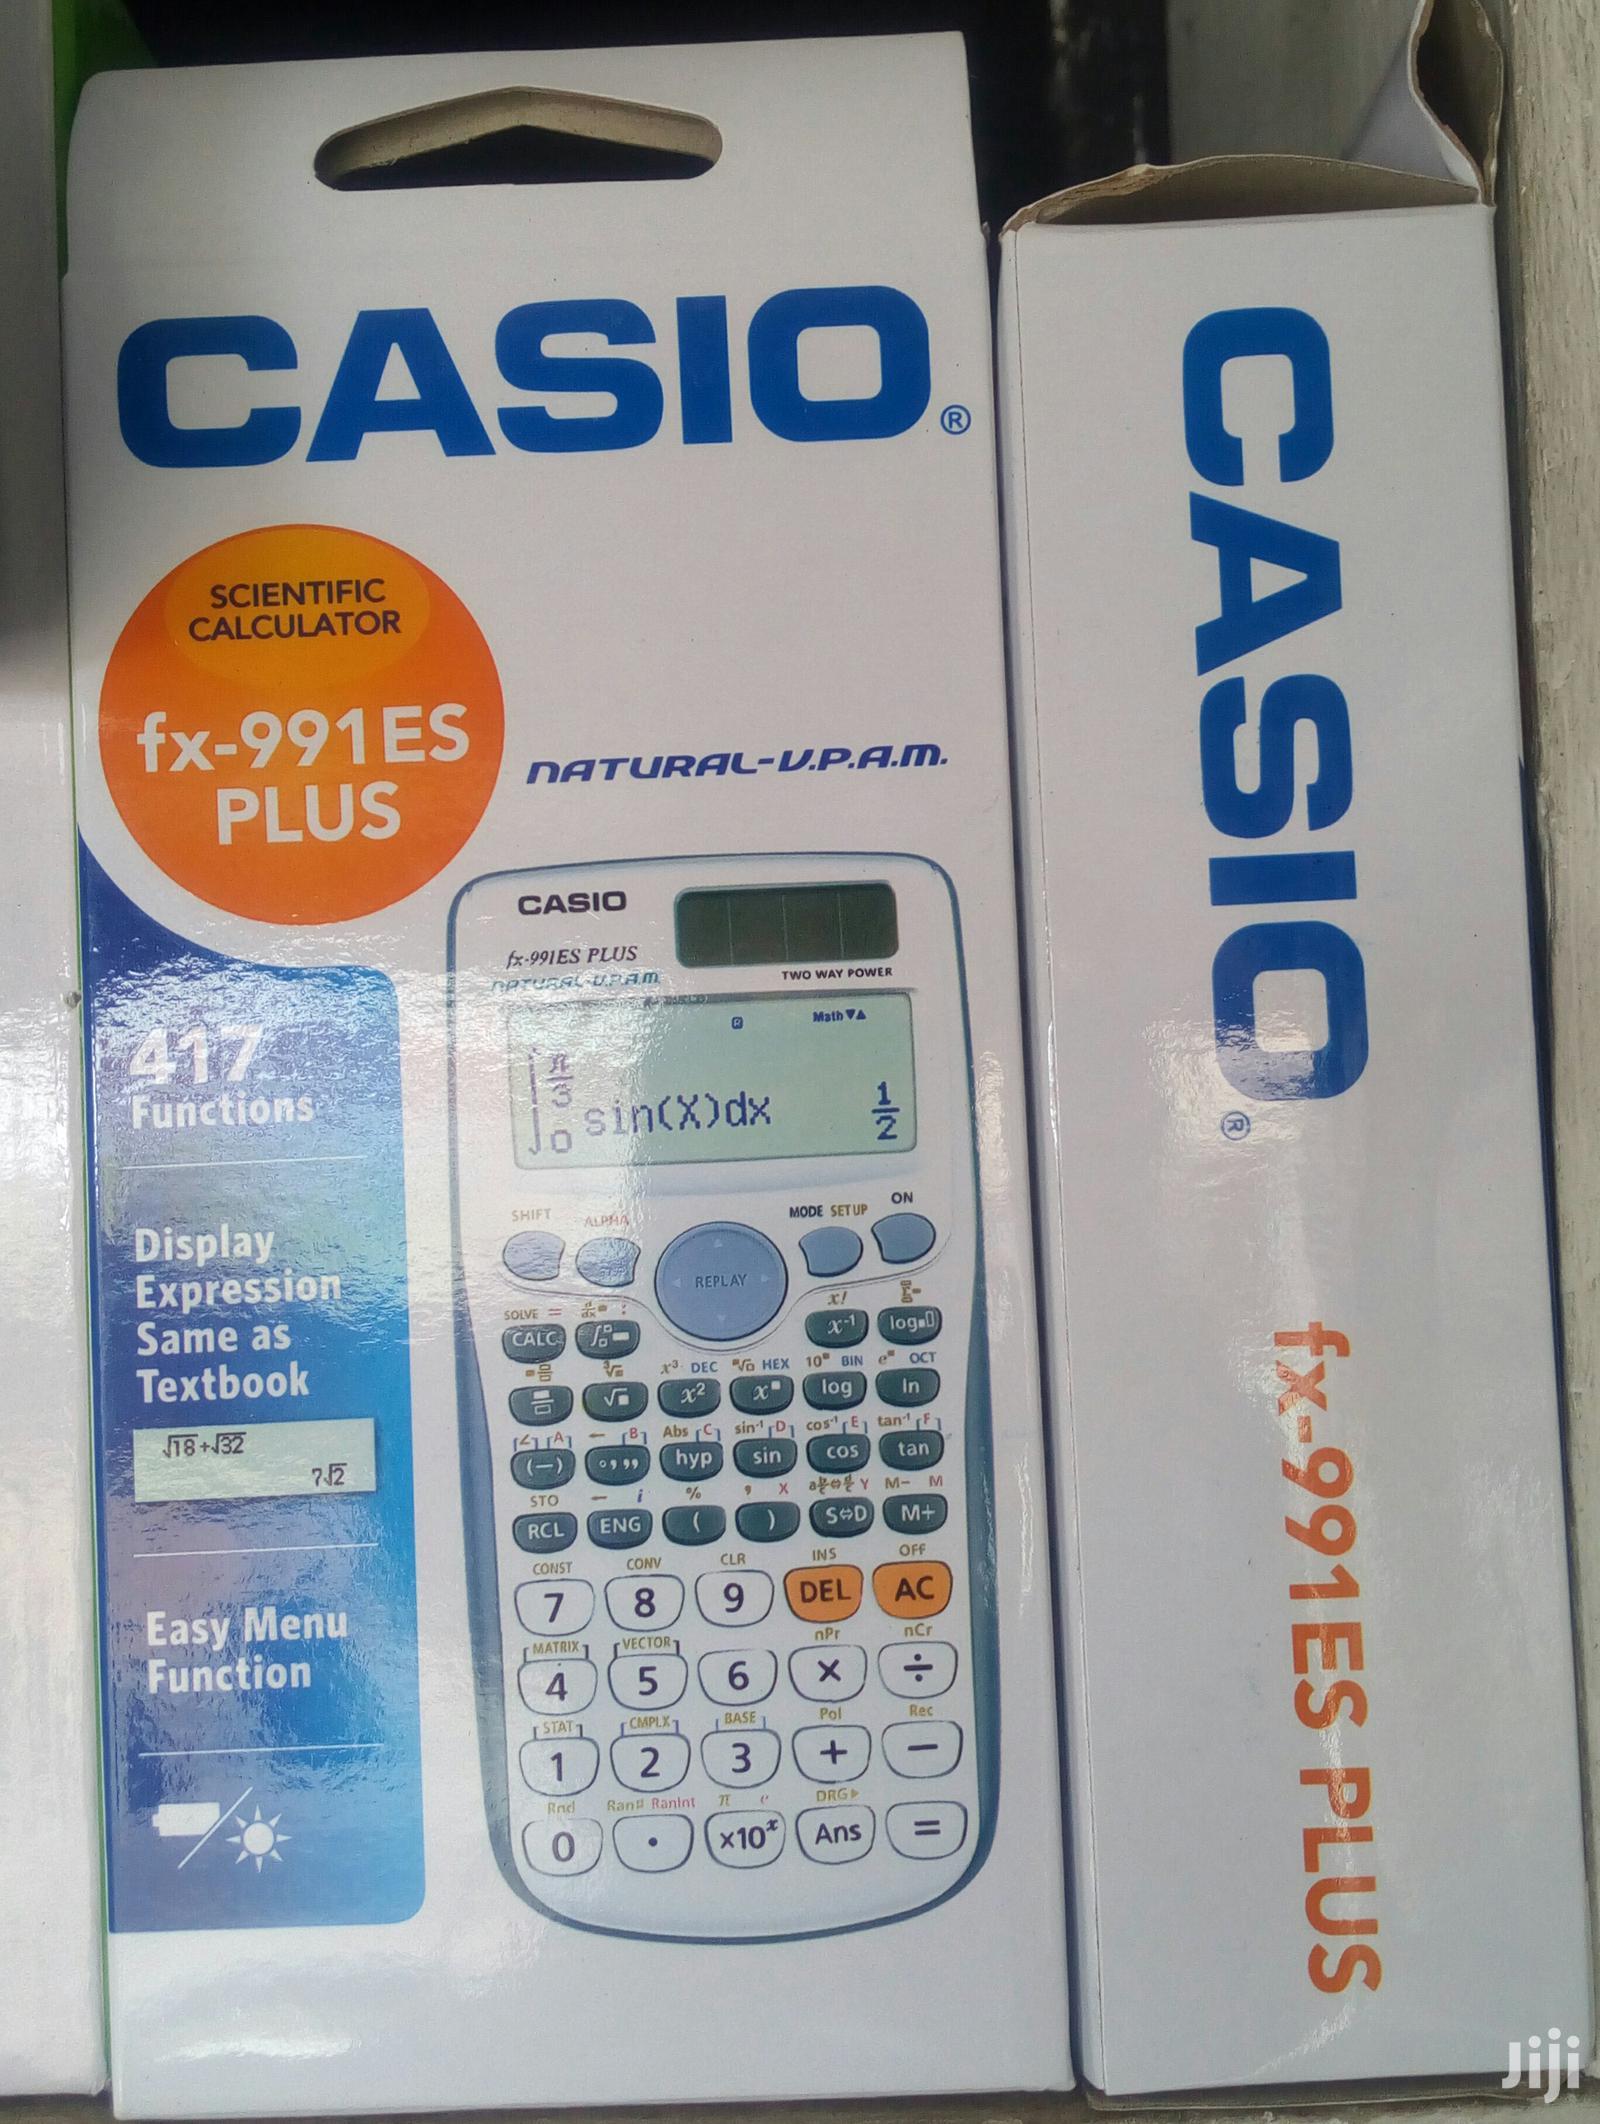 Casio Calculator: Version E